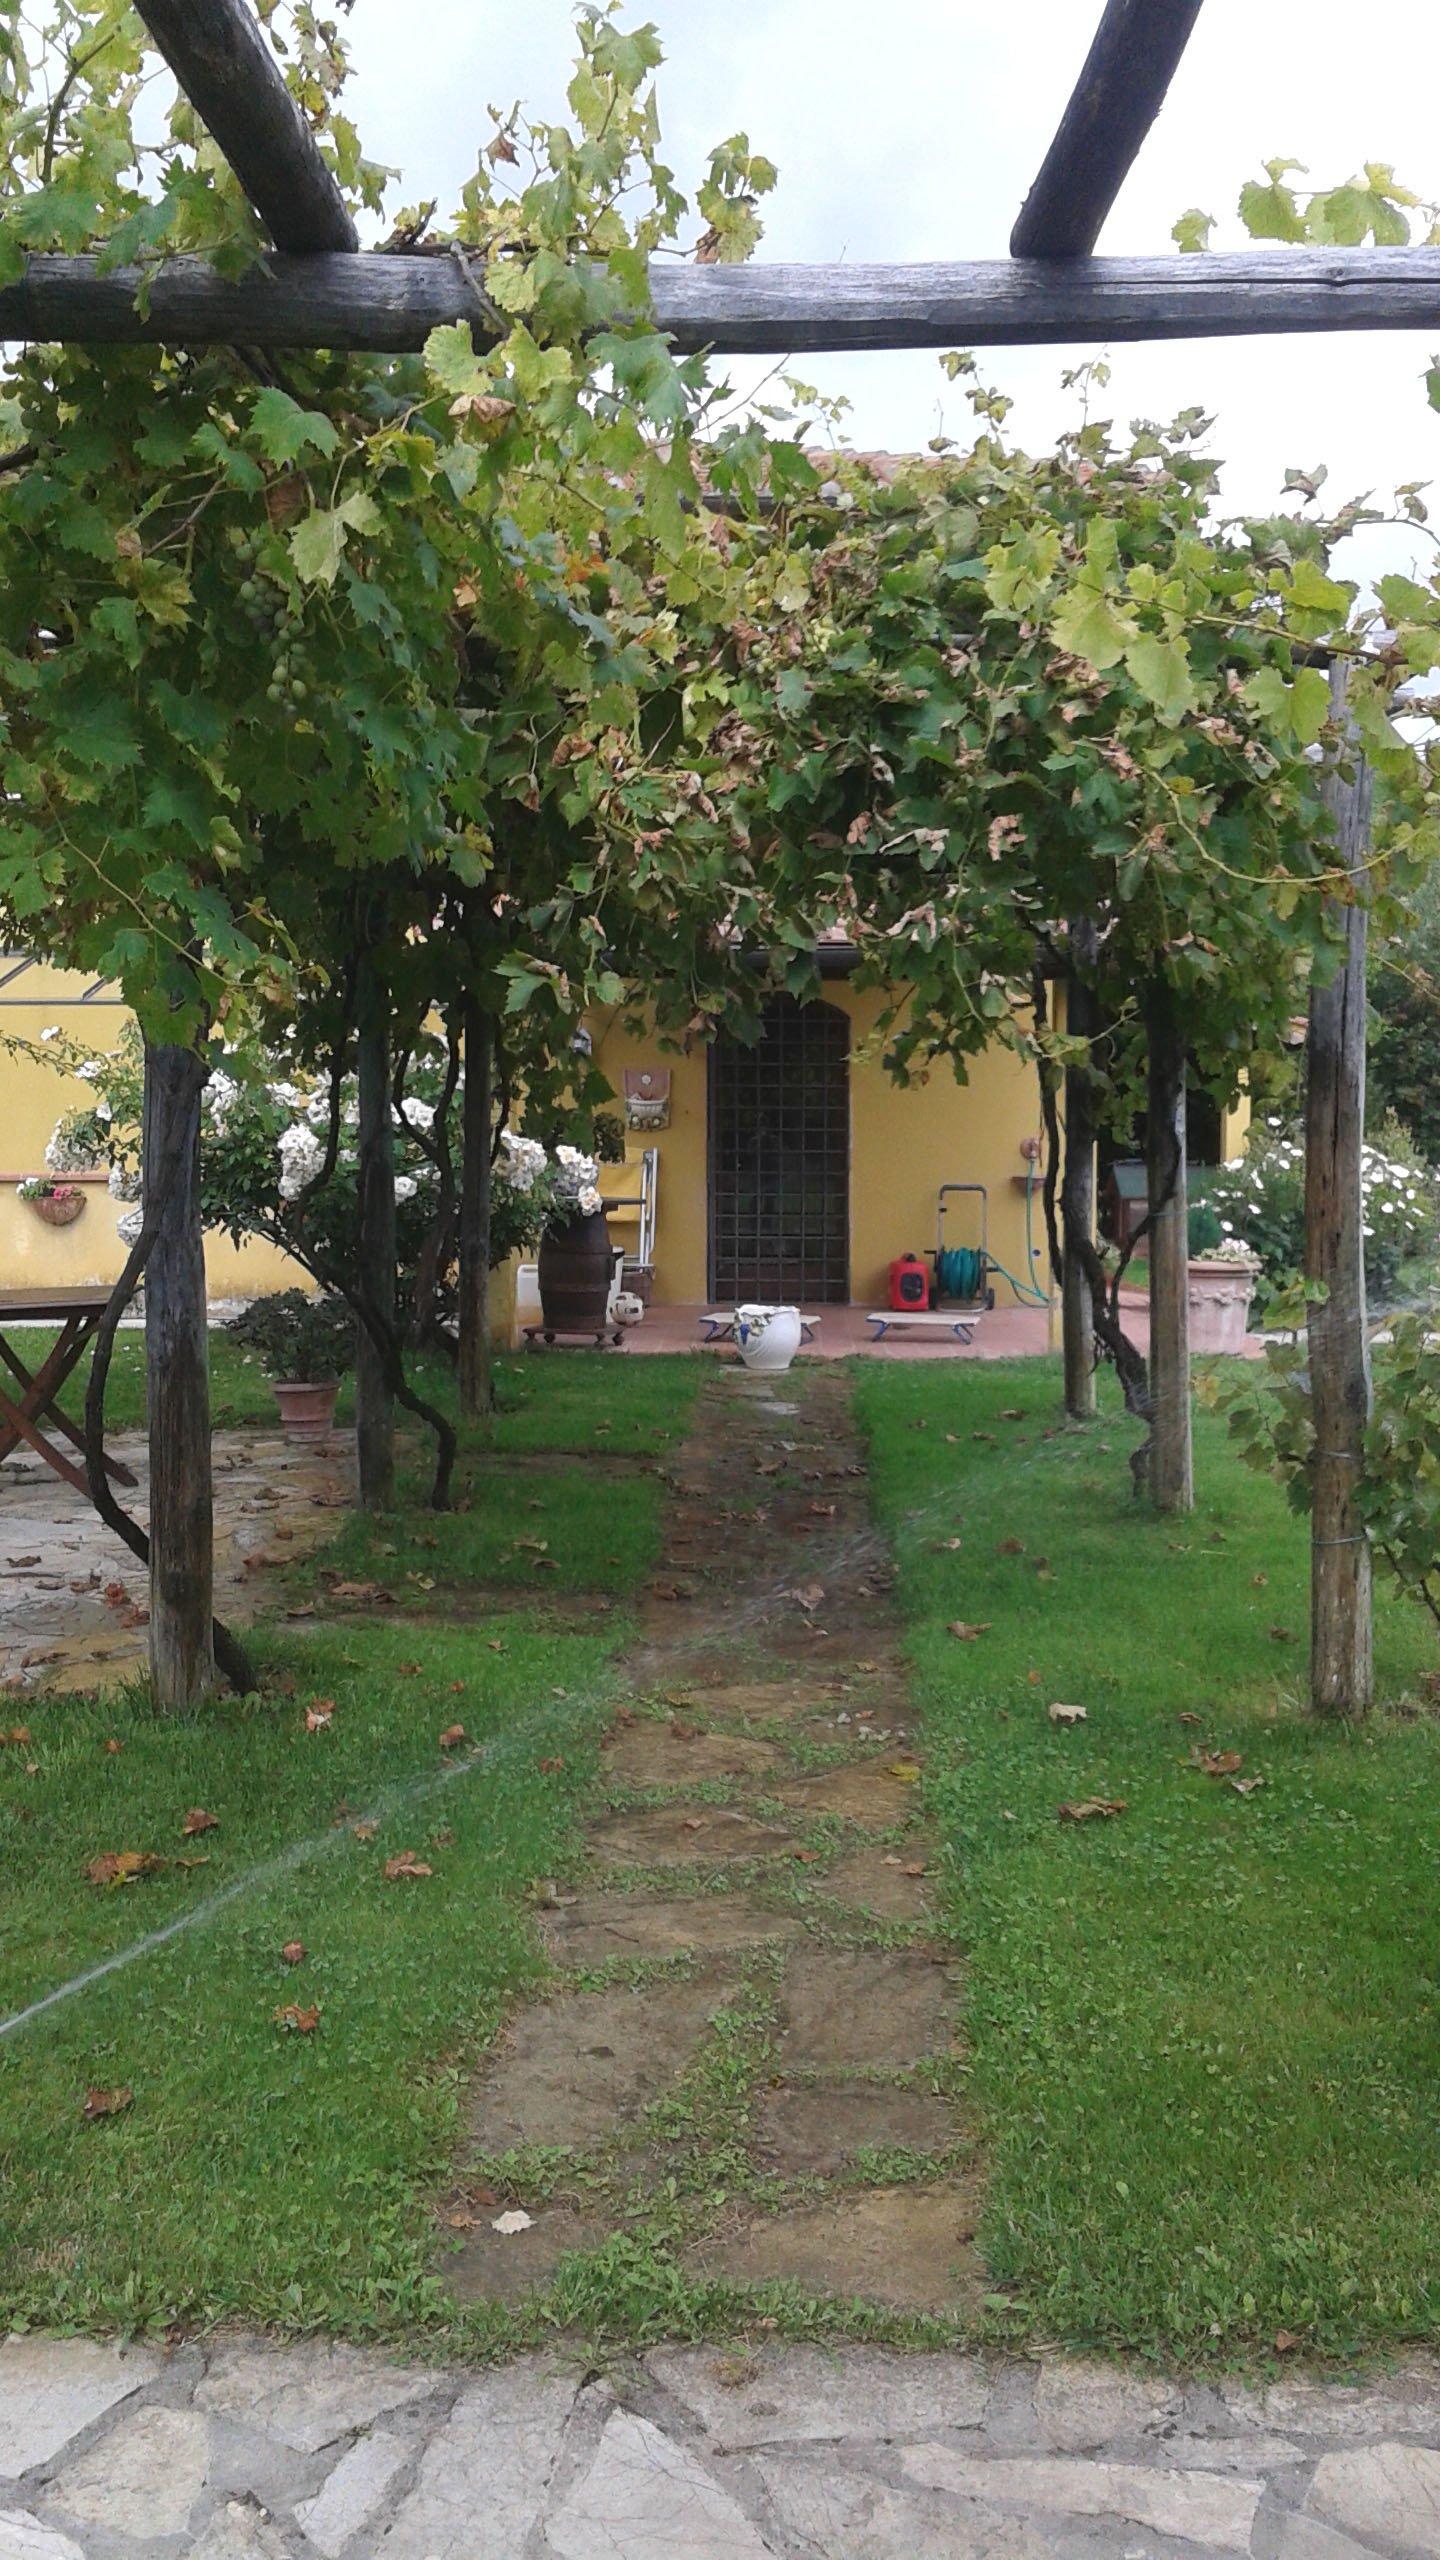 ingresso pedonale privata all'interno di un giardino